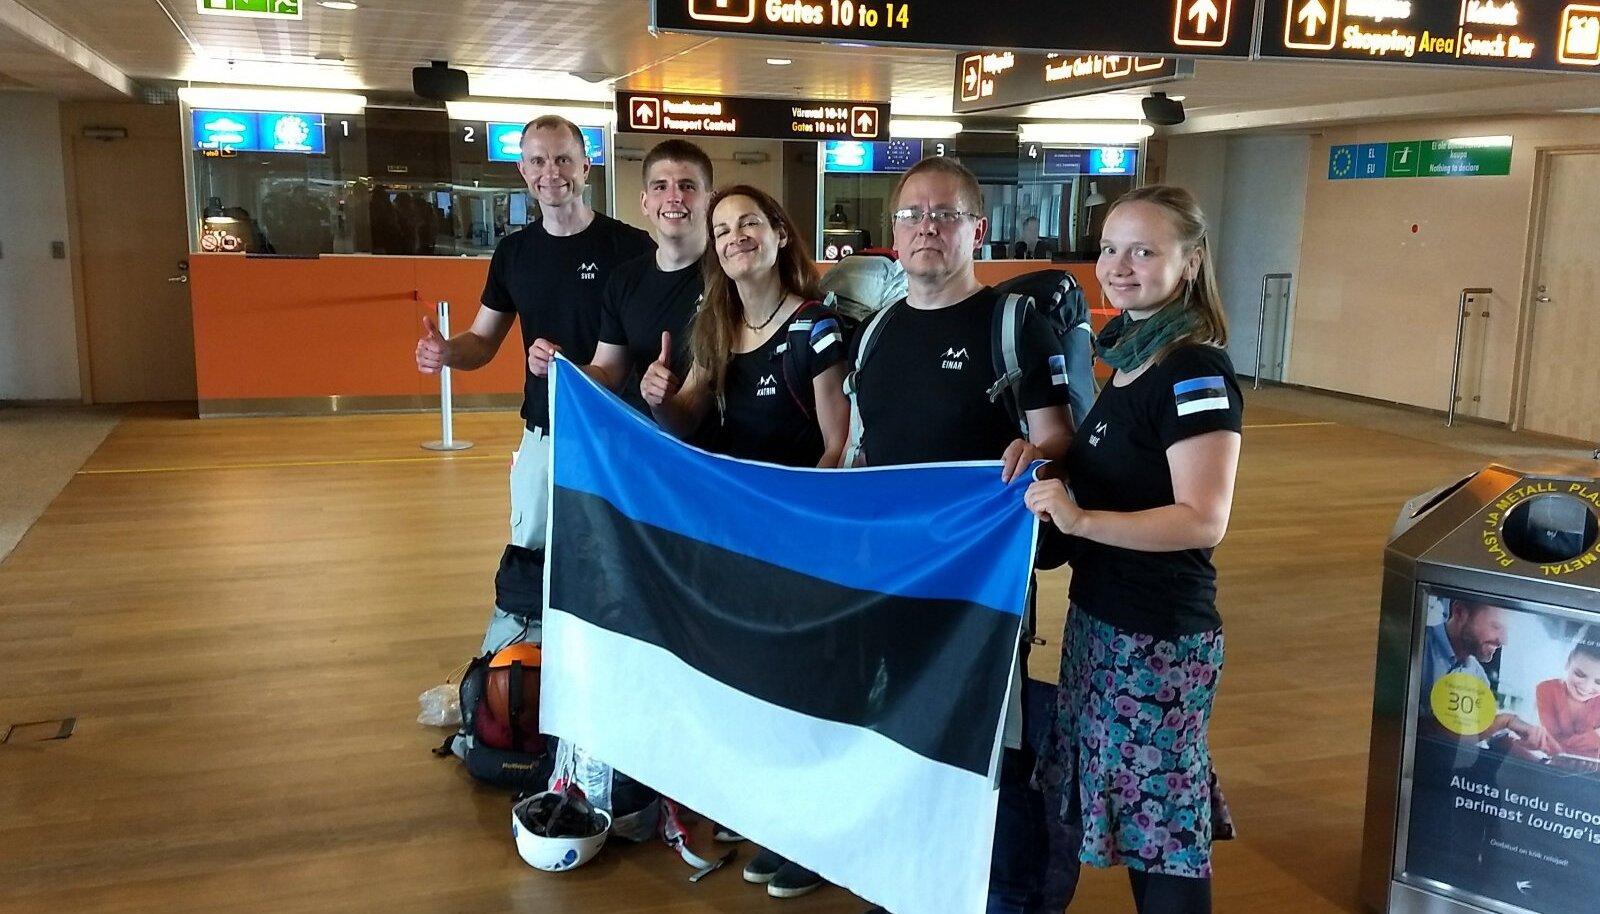 Eesti alpinistid enne sekluse algust Tallinna Lennujaamas, keskel Katrin Merisalu